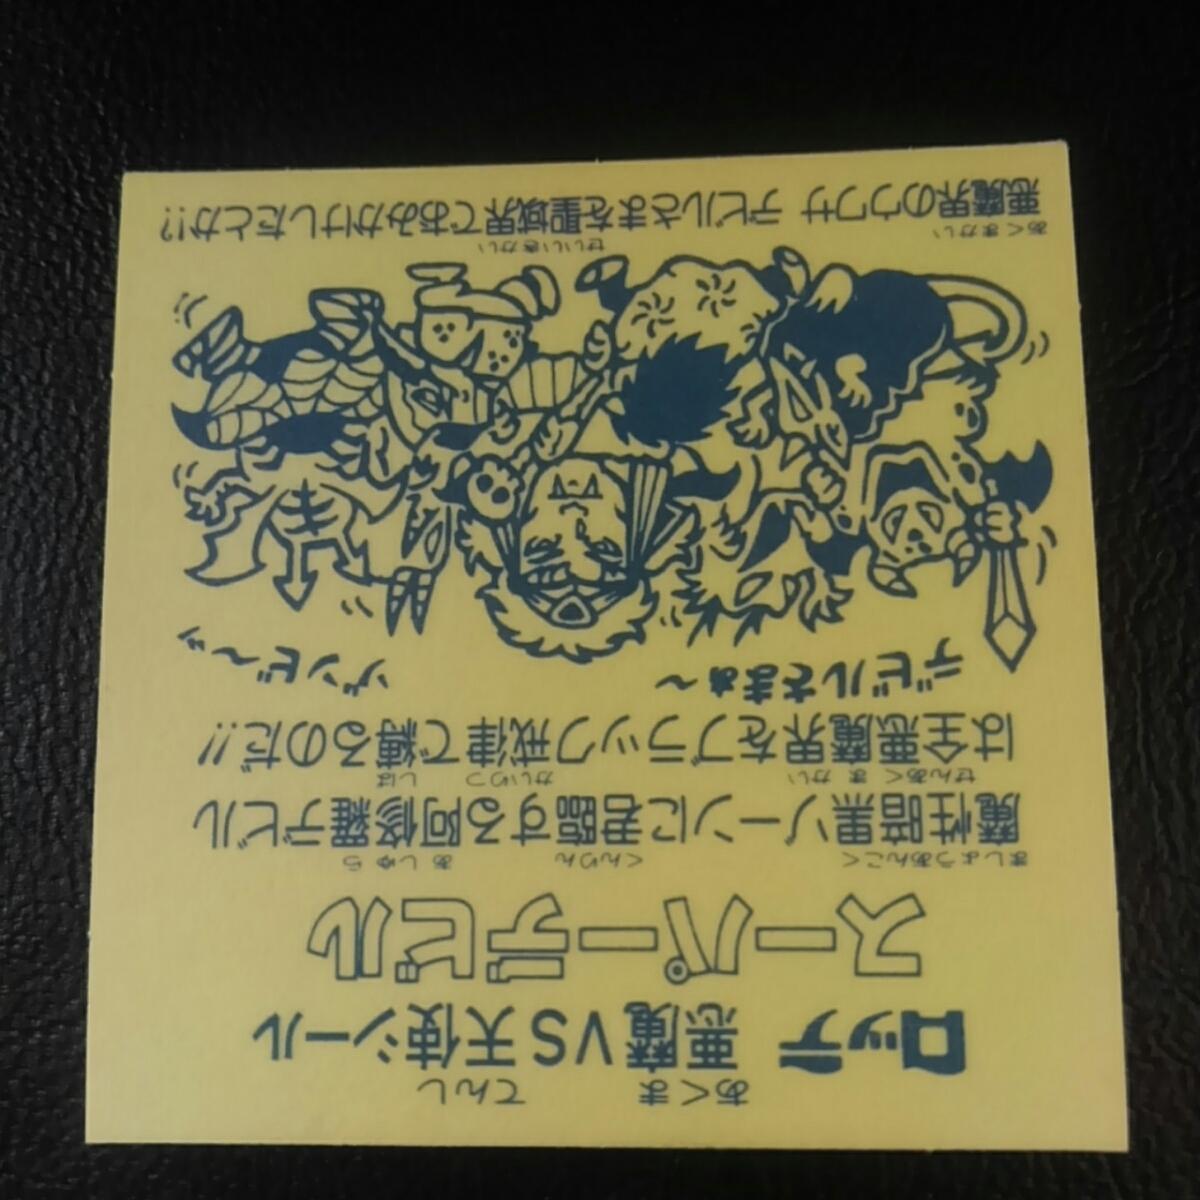 【超極美品クラス】旧ビックリマン 3弾 懸賞版 スーパーデビル 阿修羅 裏台紙 薄黄色 (検索) 大量出品中 プリズム 激レア マイナー ゼウス_画像10